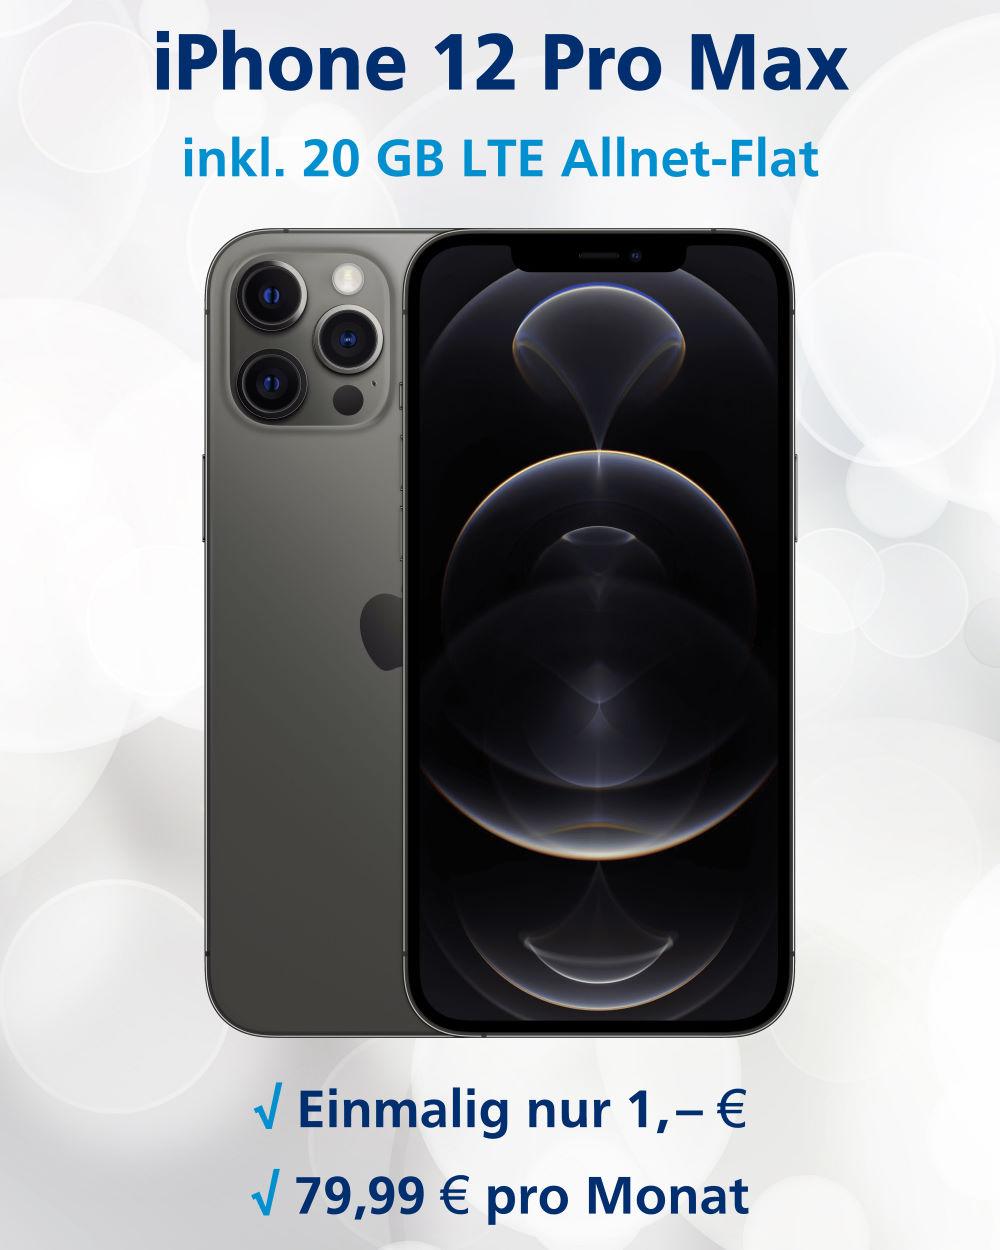 iPhone 12 Pro Max Handyvertrag inkl. 20 GB LTE für einmalig nur 1 Euro und monatlich 79,99 Euro